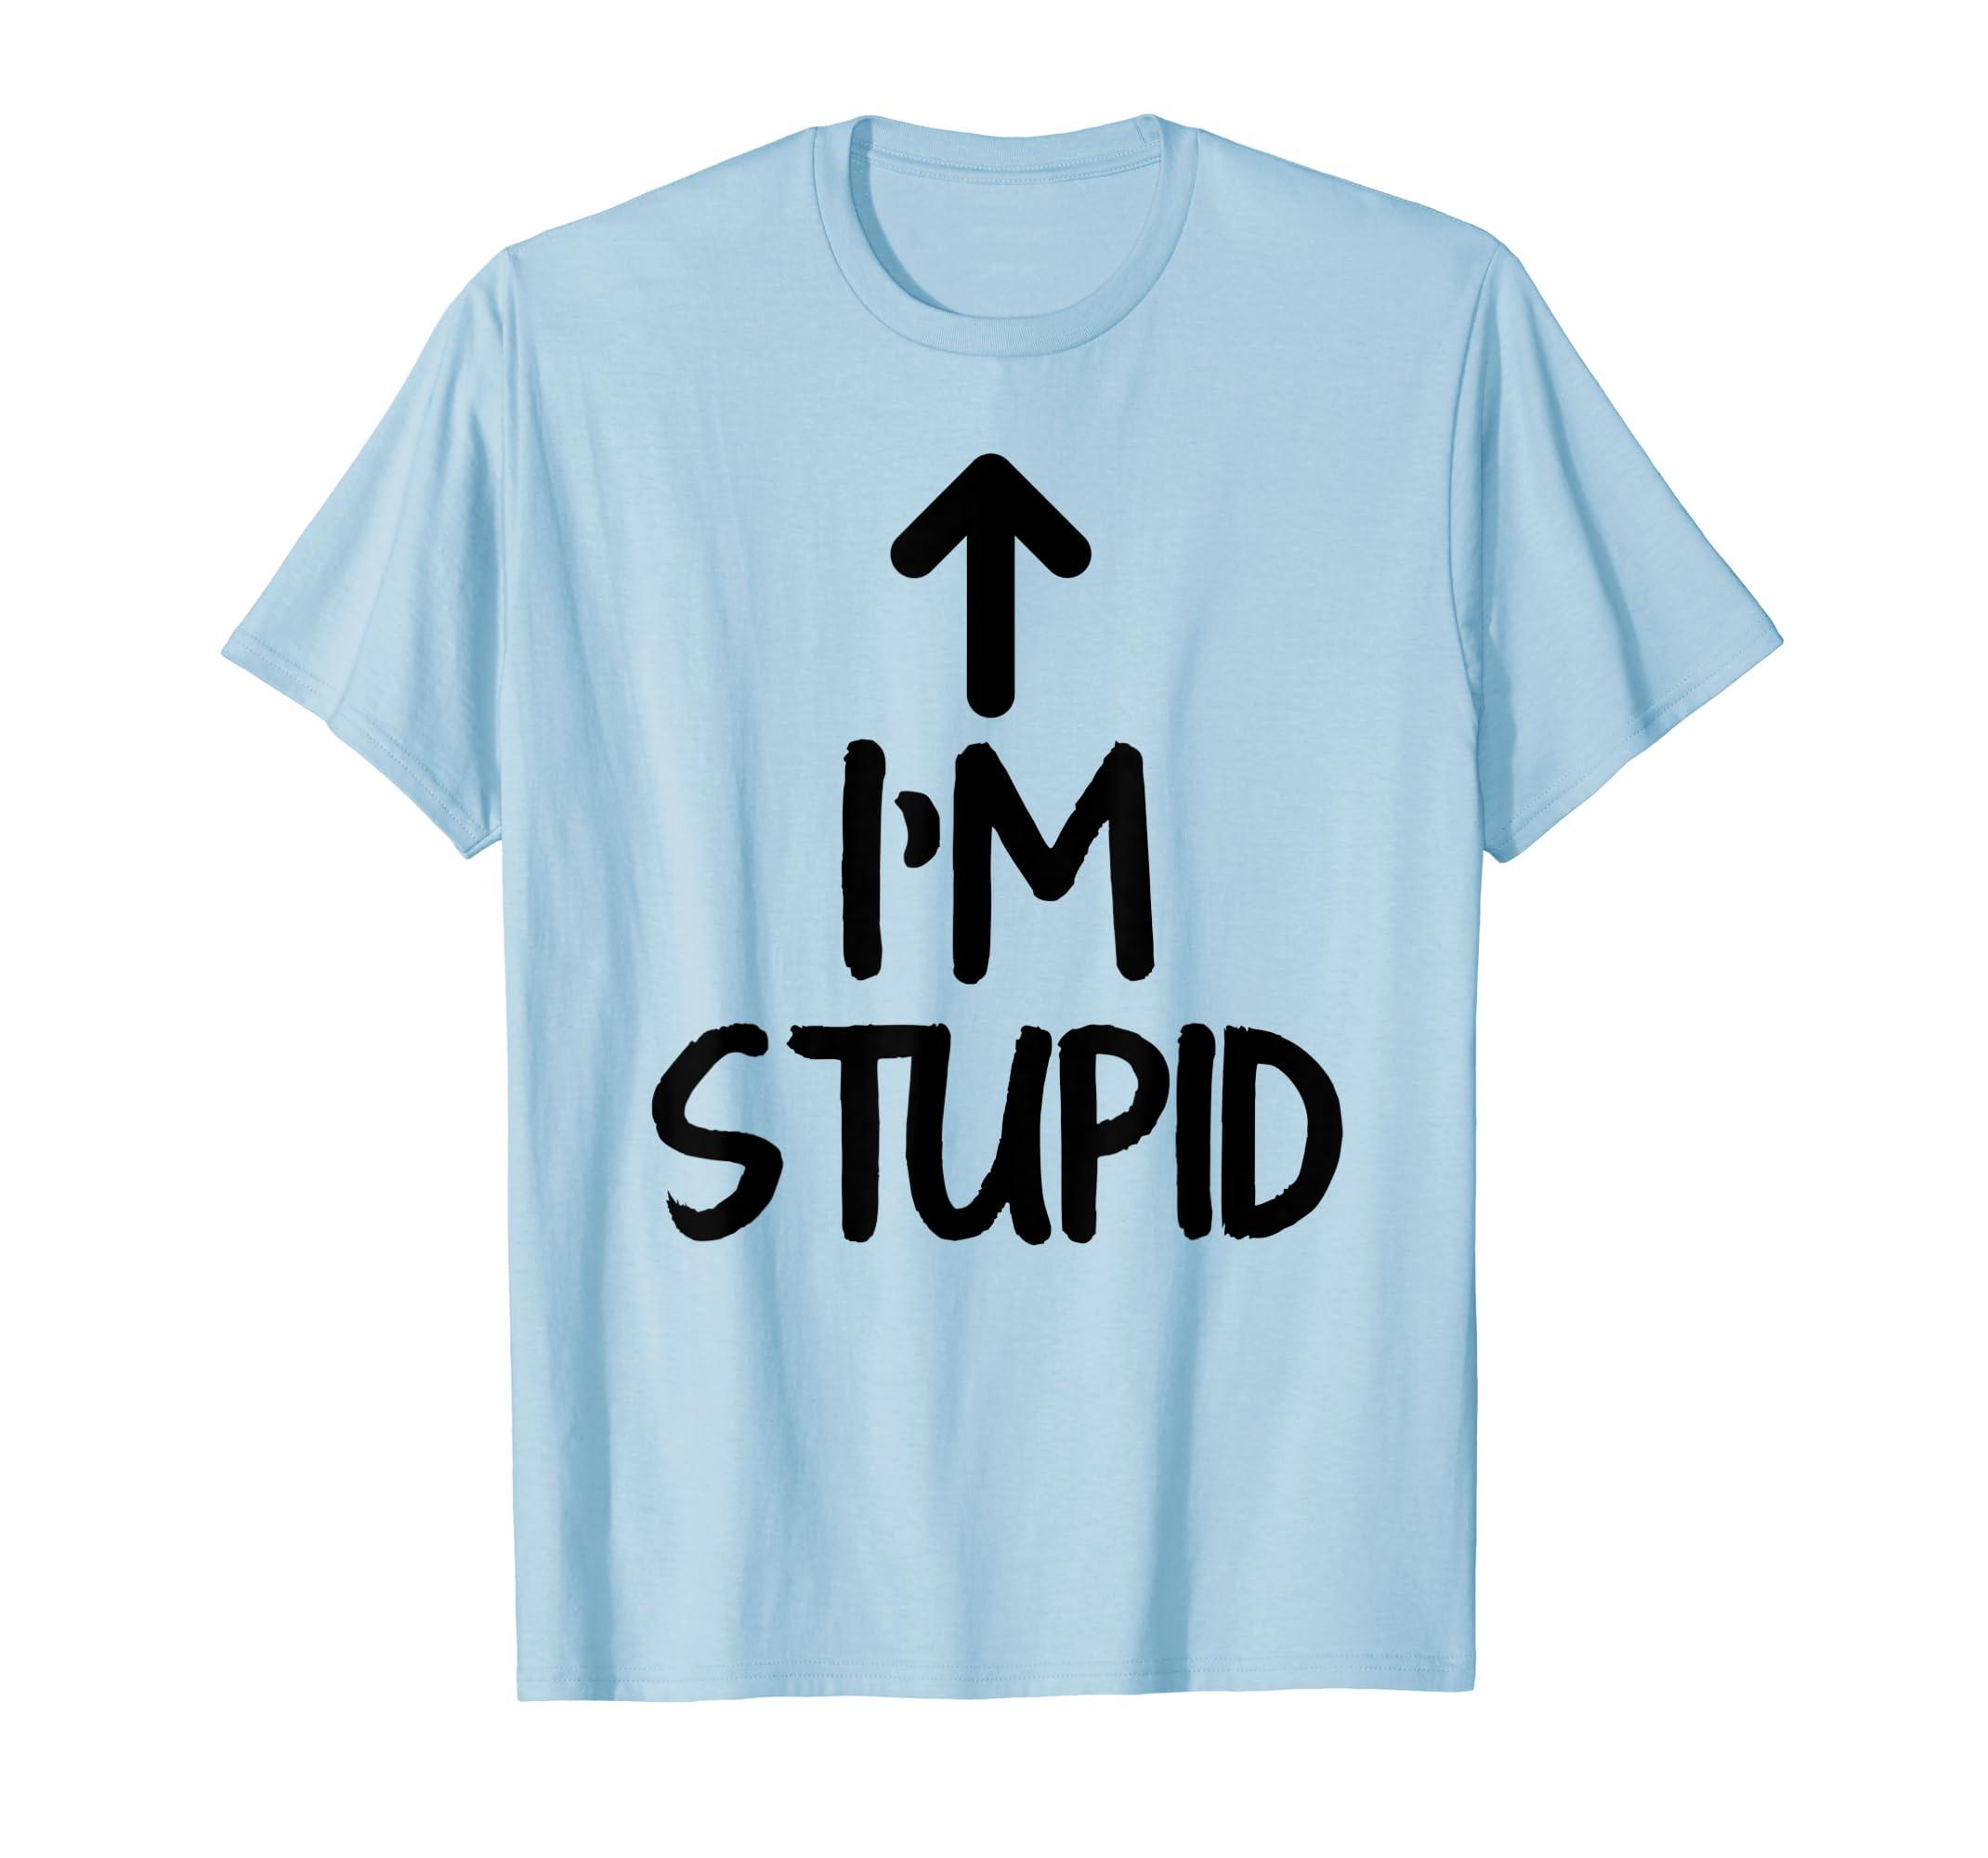 6cf4aa351 Amazon.com: I'm Stupid Up Arrow Funny T-Shirt: Clothing